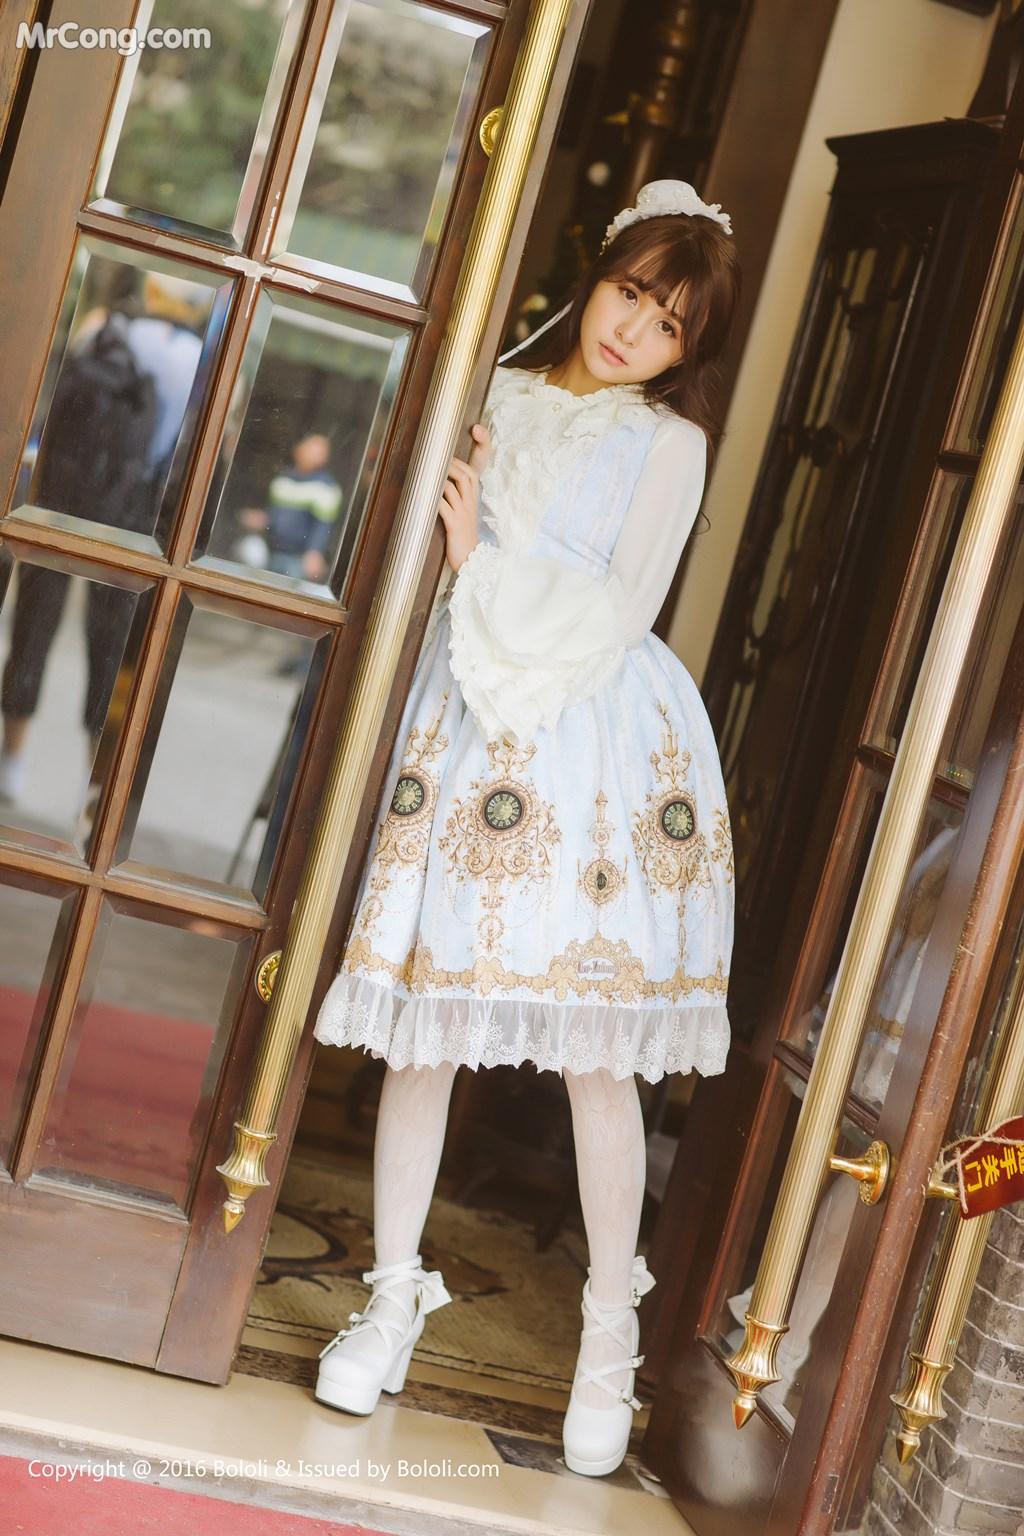 Image Tukmo-Vol.113-Xia-Mei-Jiang-MrCong.com-006 in post Tukmo Vol.113: Người mẫu Xia Mei Jiang (夏美酱) (63 ảnh)